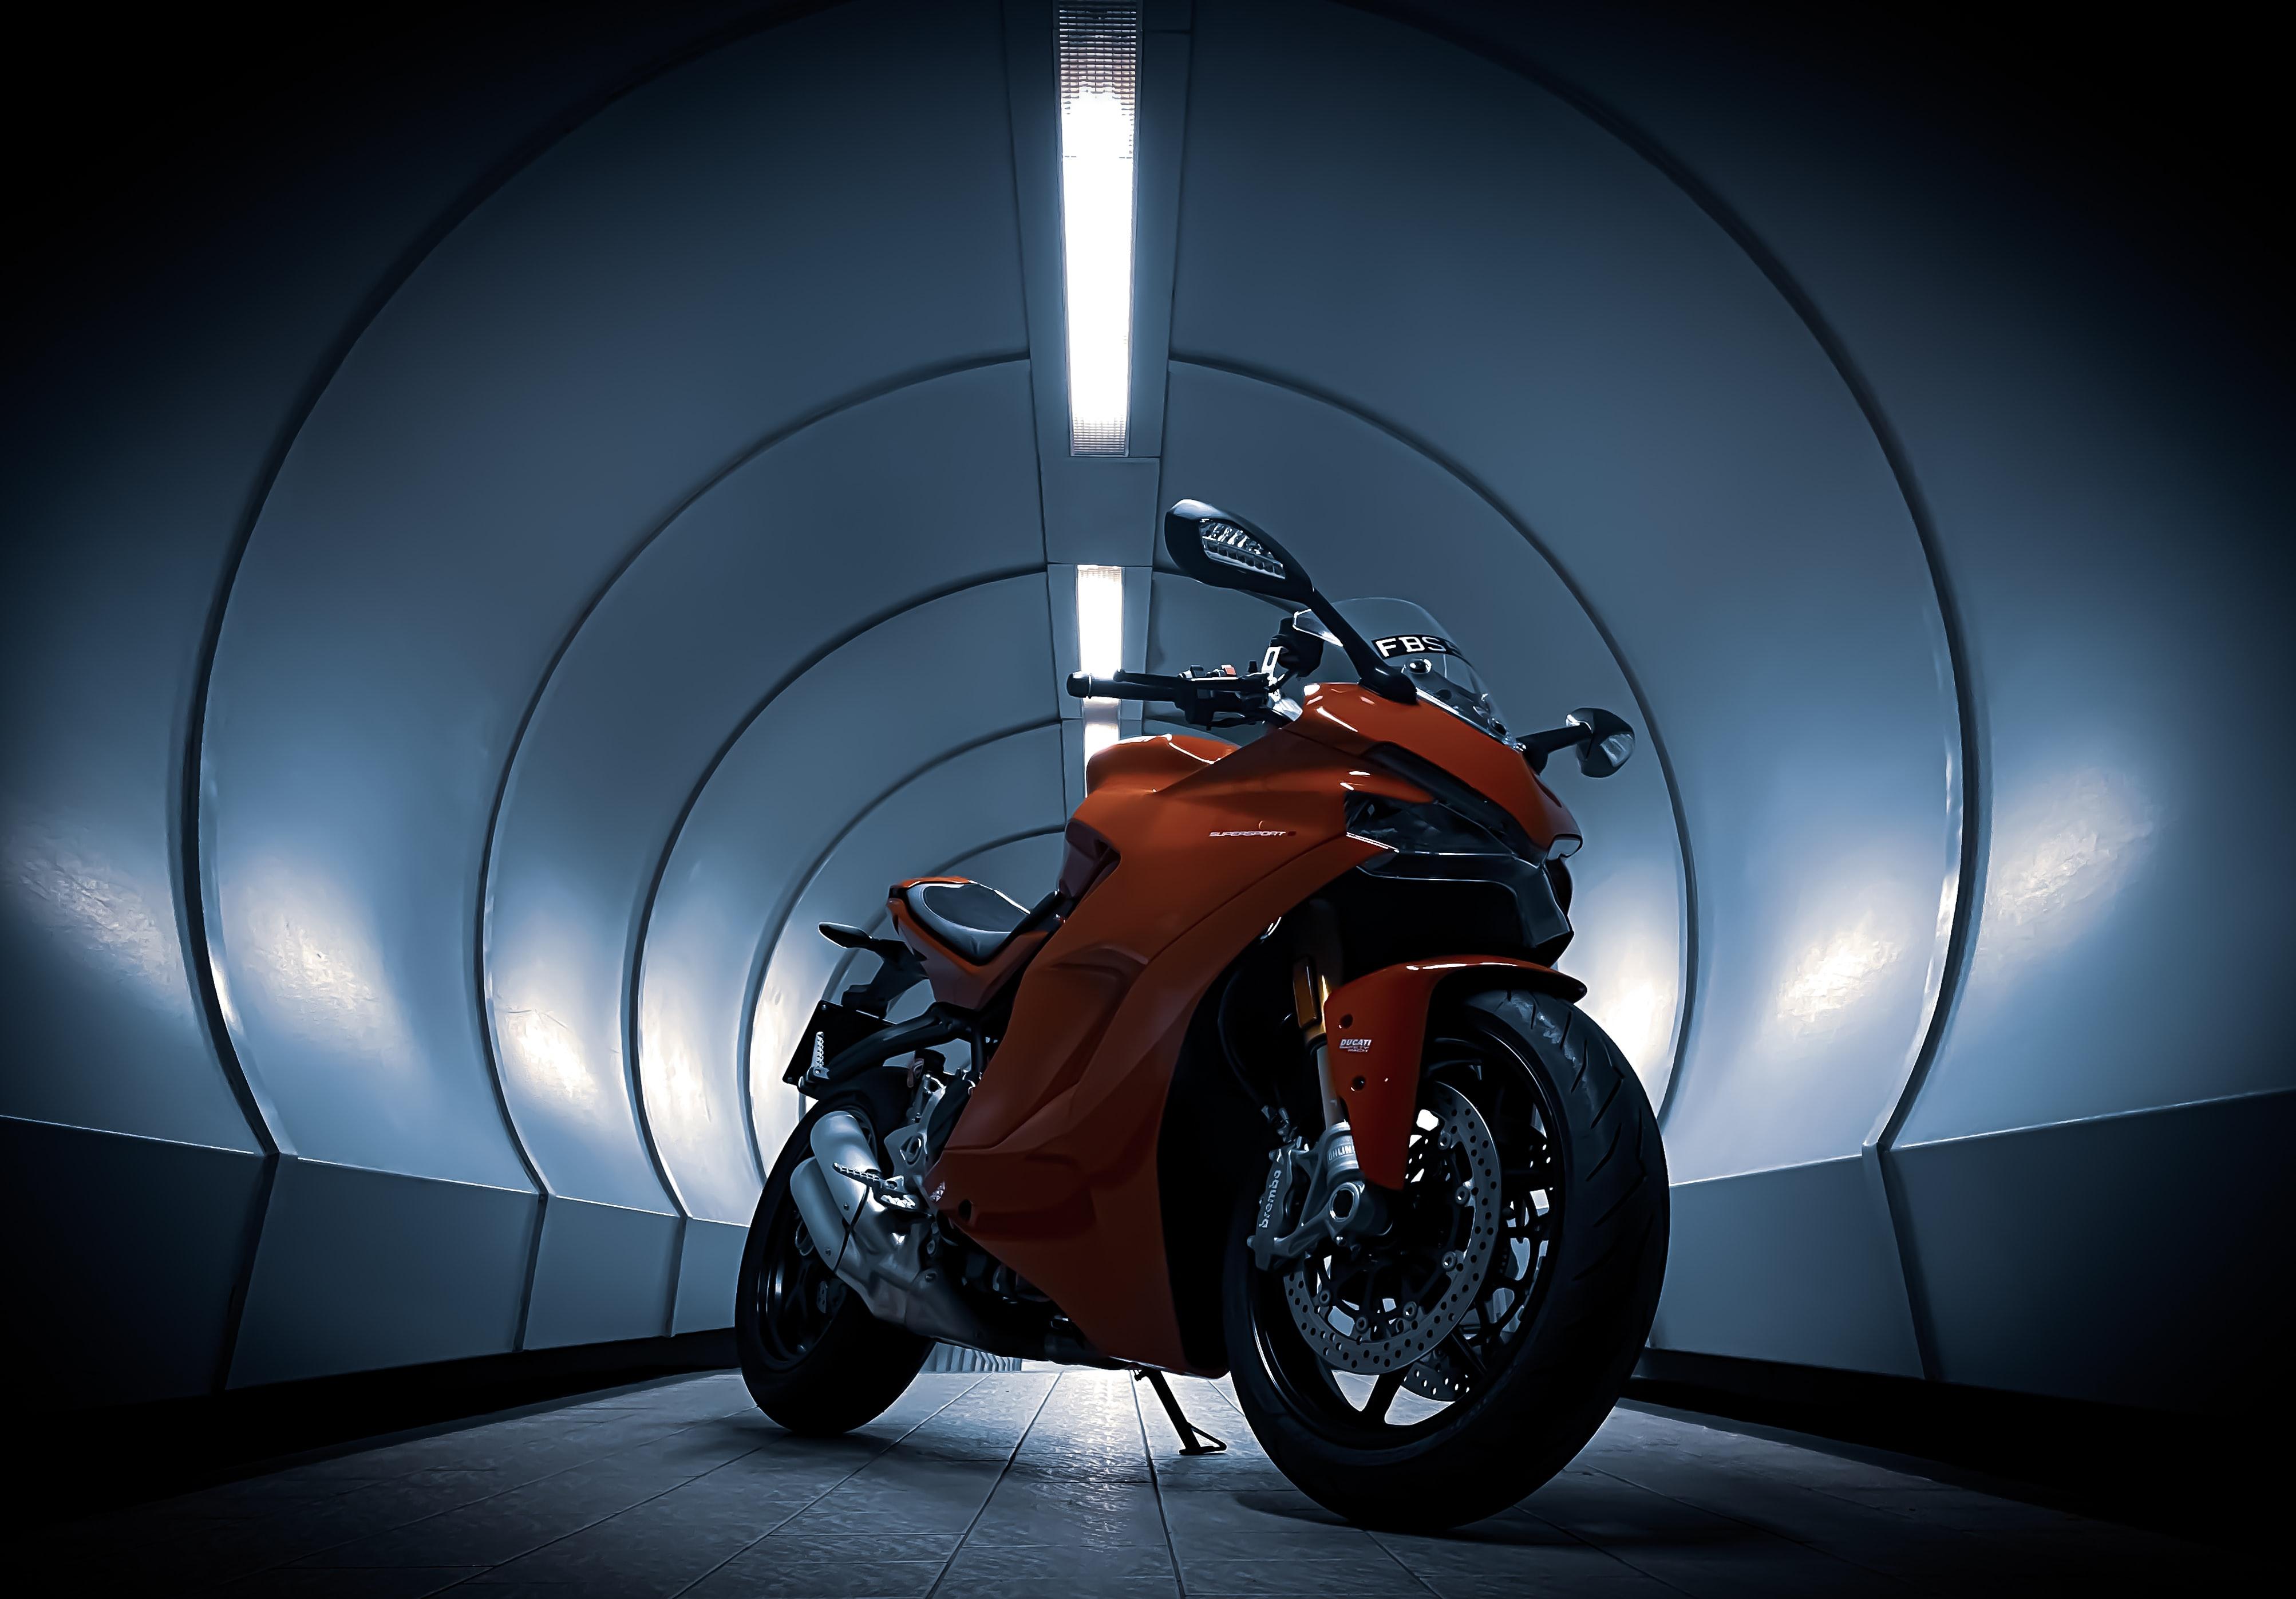 102653 Hintergrundbild herunterladen Motorräder, Ducati, Motorrad, Tunnel - Bildschirmschoner und Bilder kostenlos